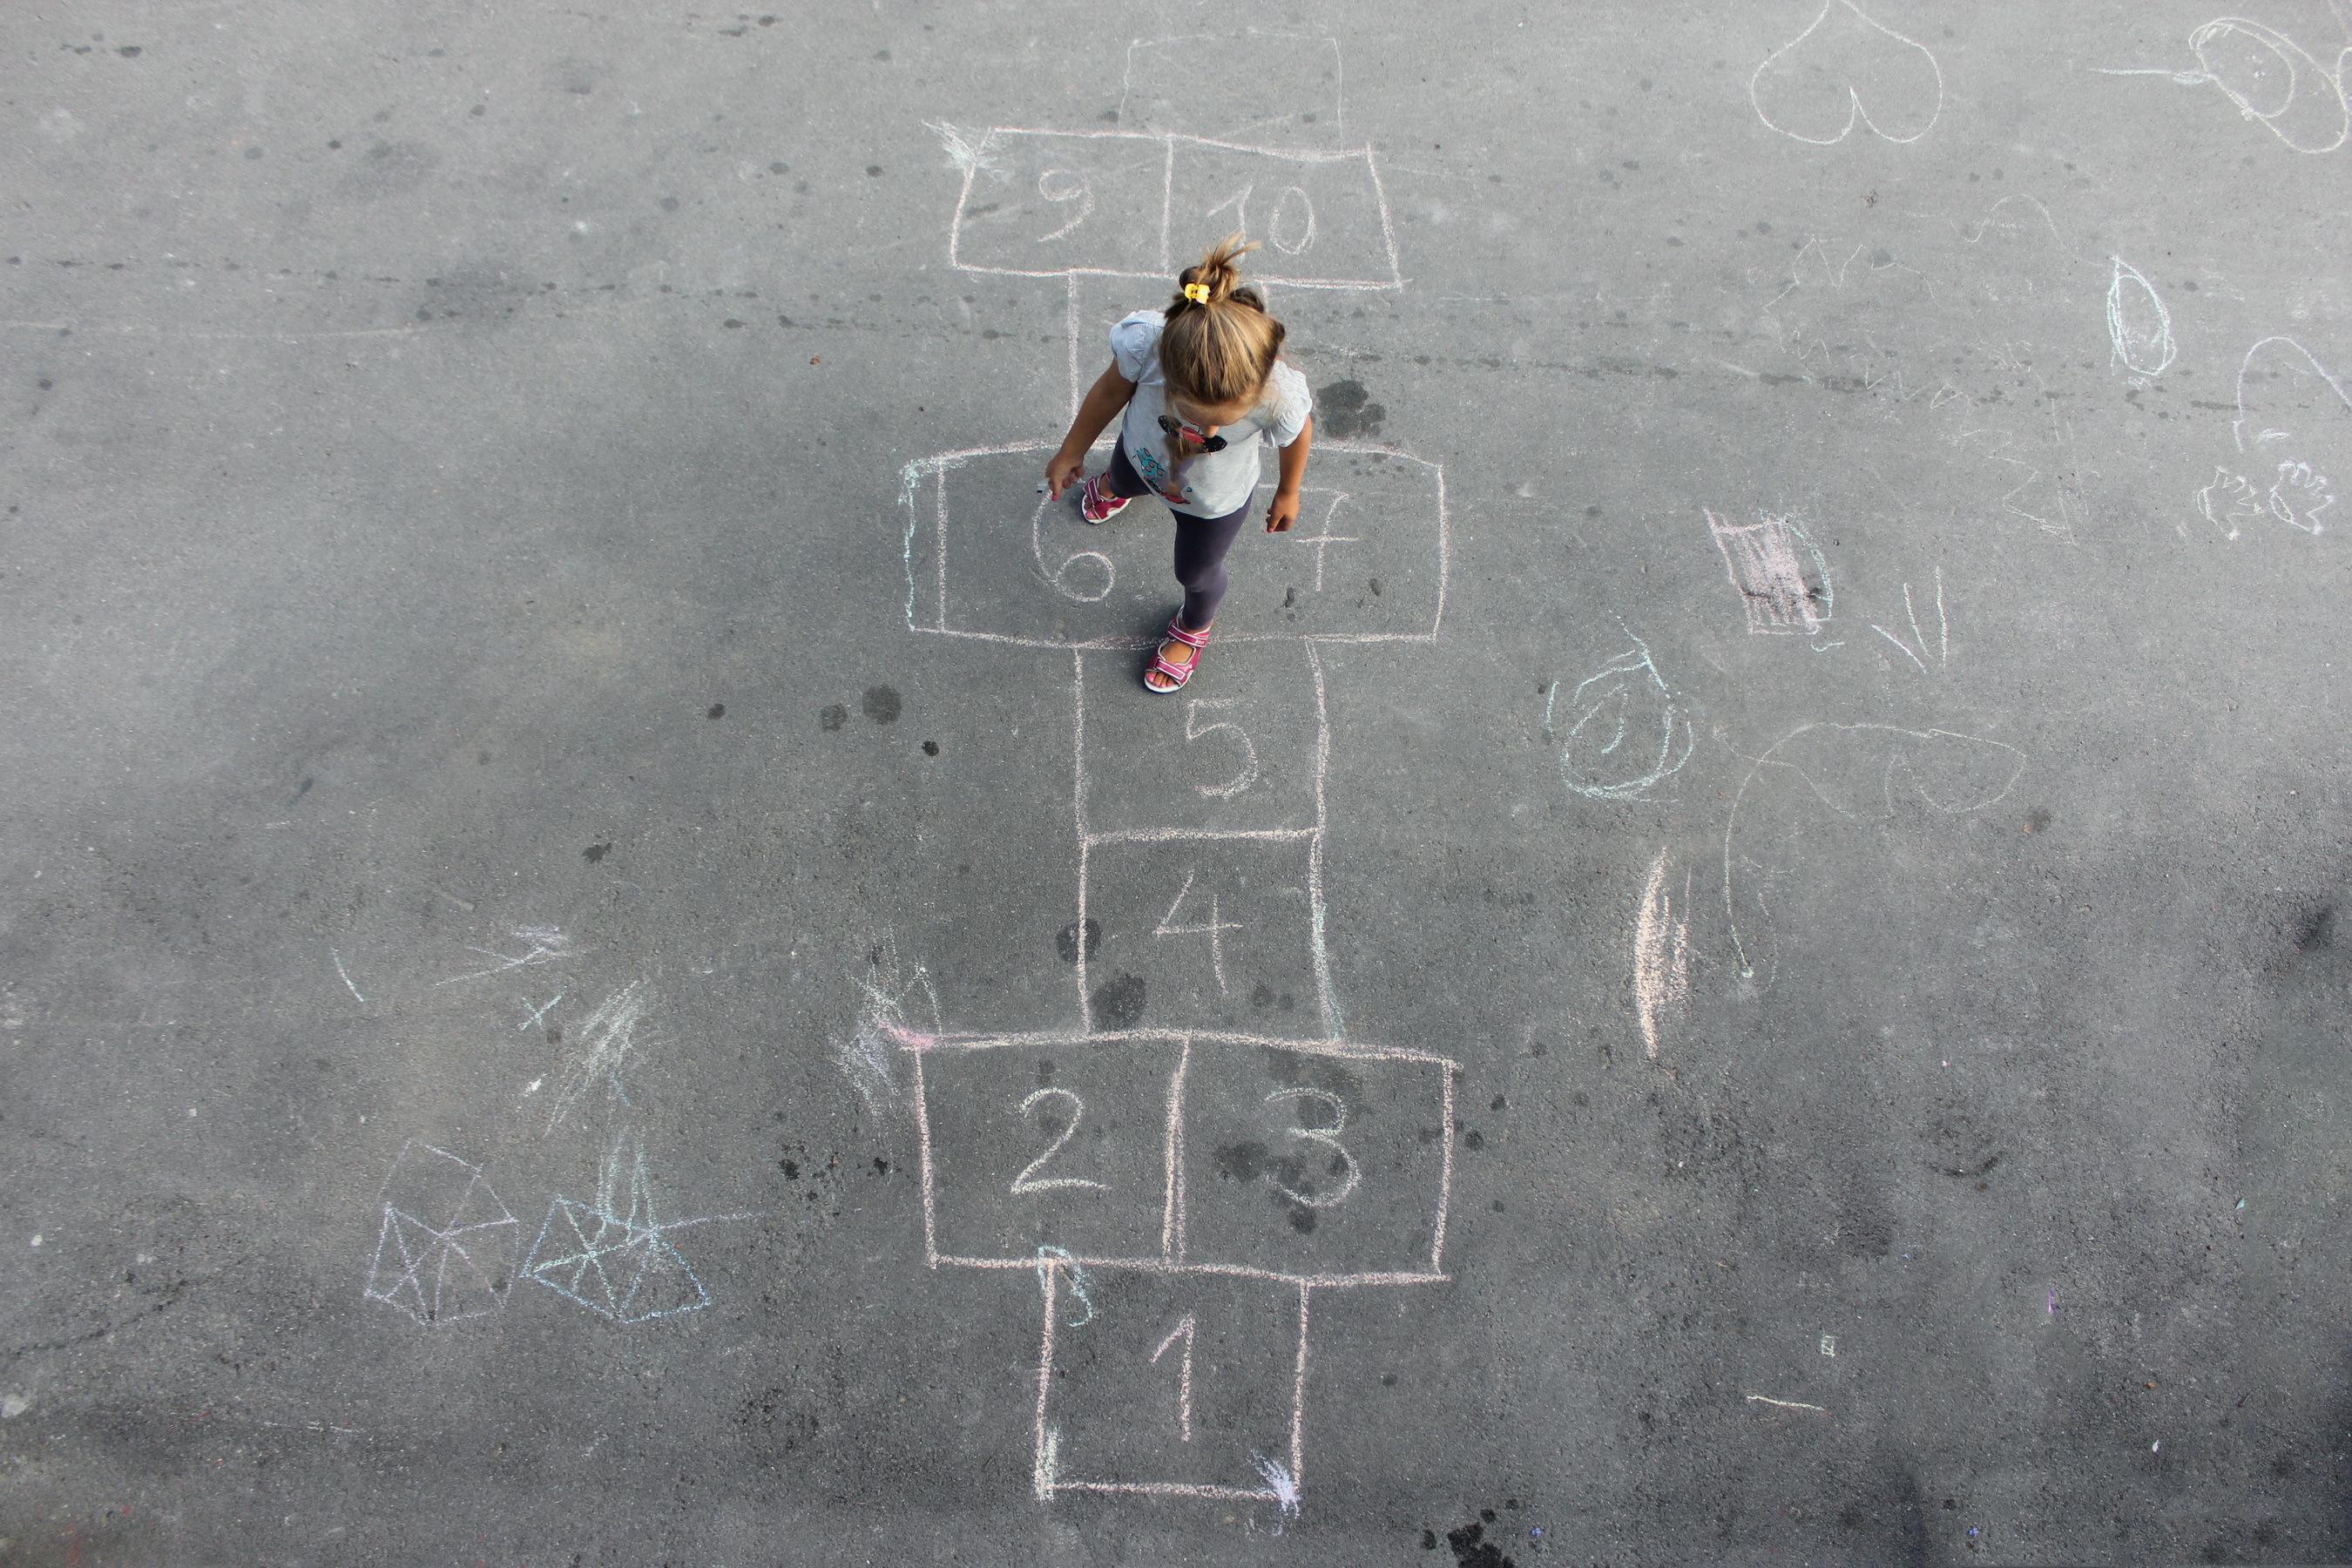 La marelle, un jeu toujours aussi populaire dans la cour d'école